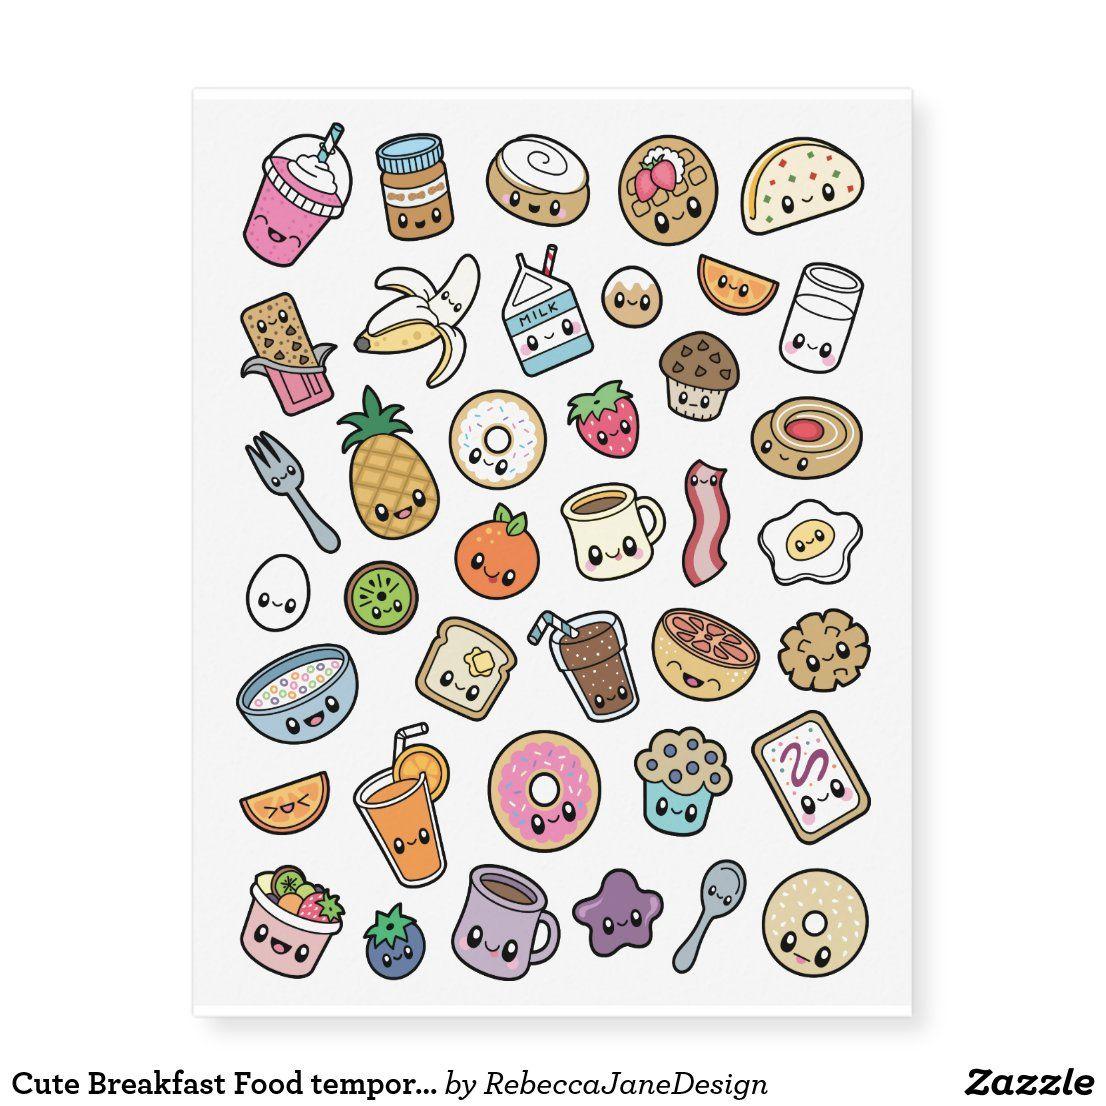 Cute Breakfast Food Temporary Tattoos Zazzle Com Cute Food Drawings Cute Doodle Art Kawaii Doodles